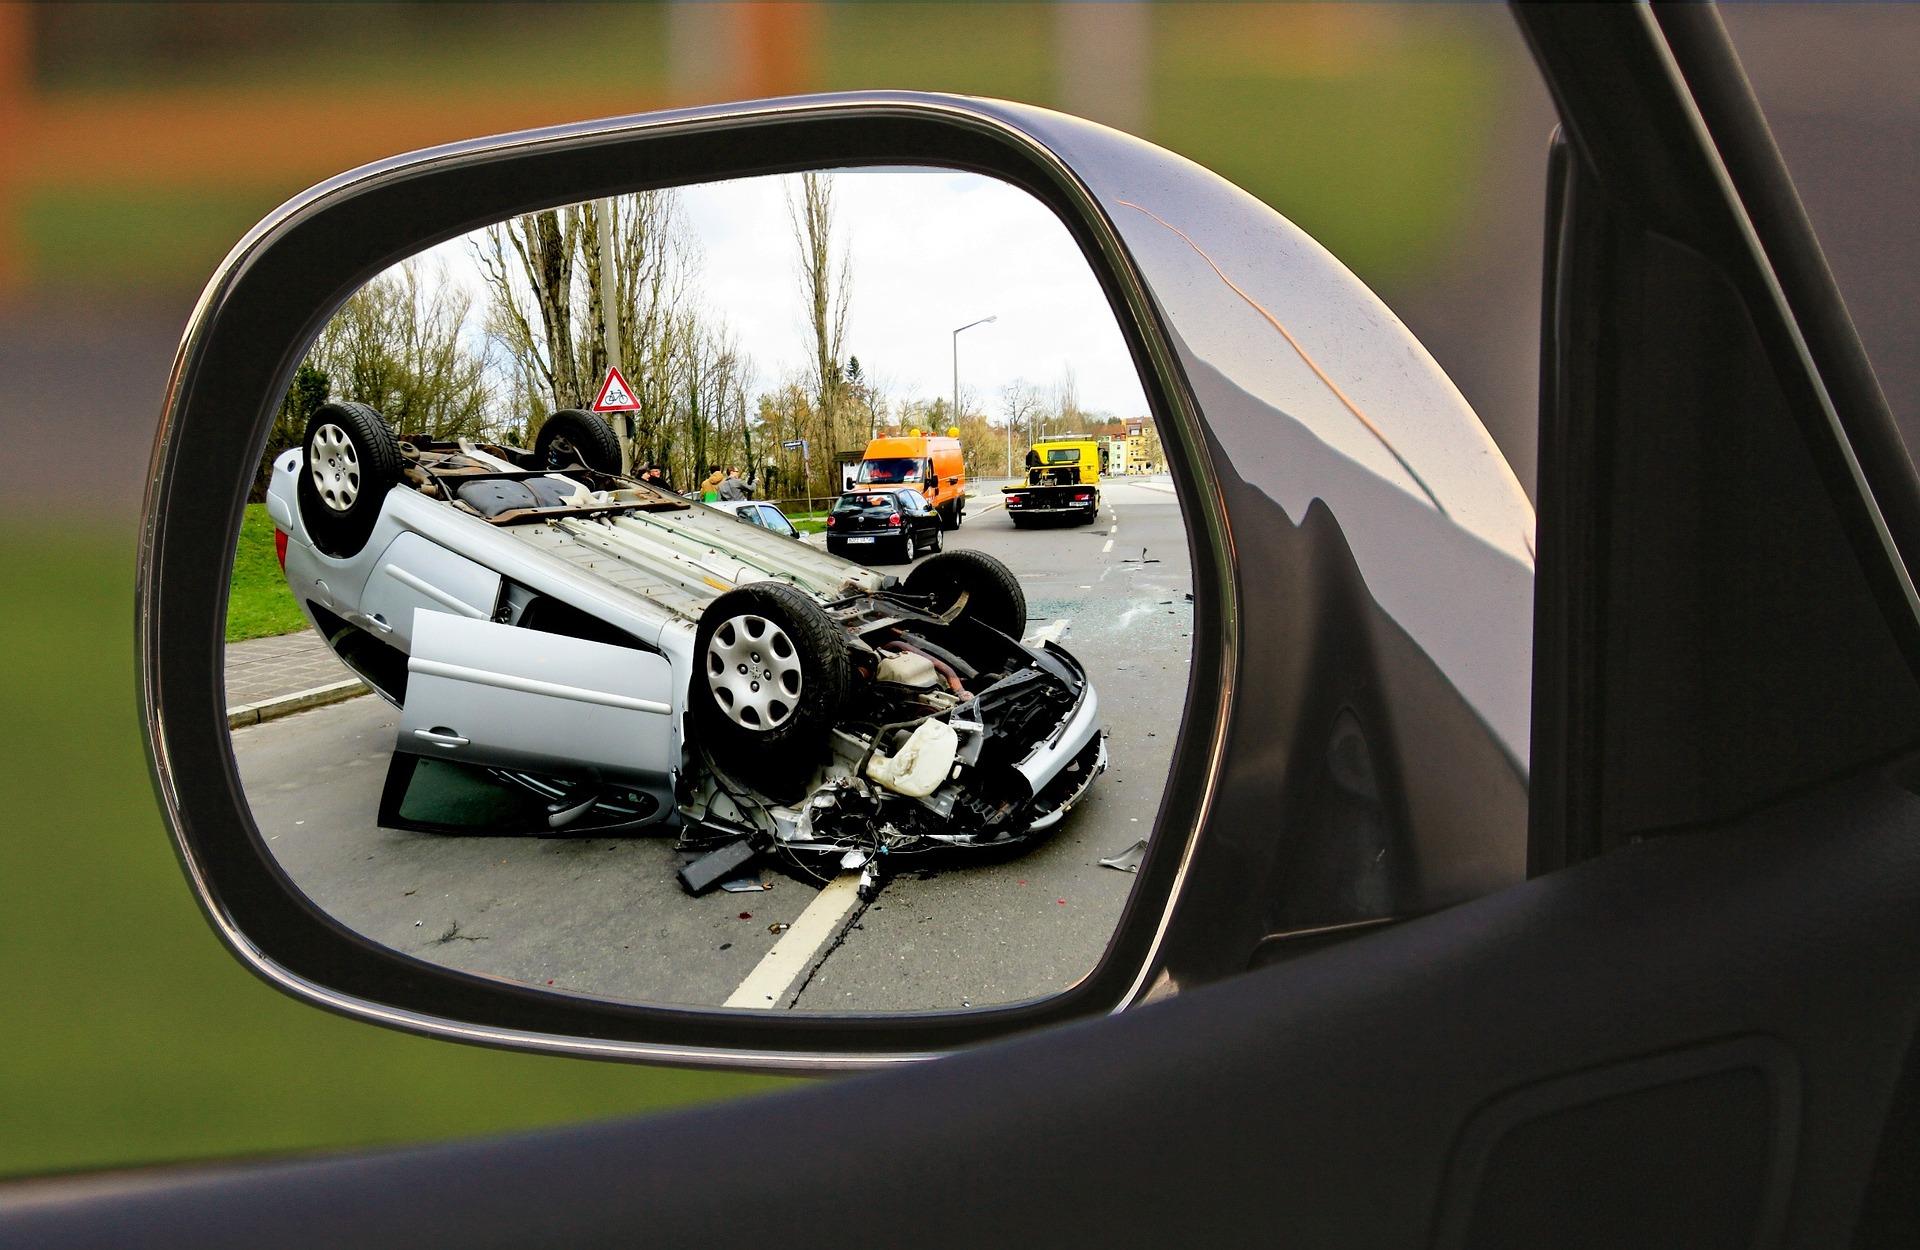 Accidentes: cuidado con la vuelta a casa